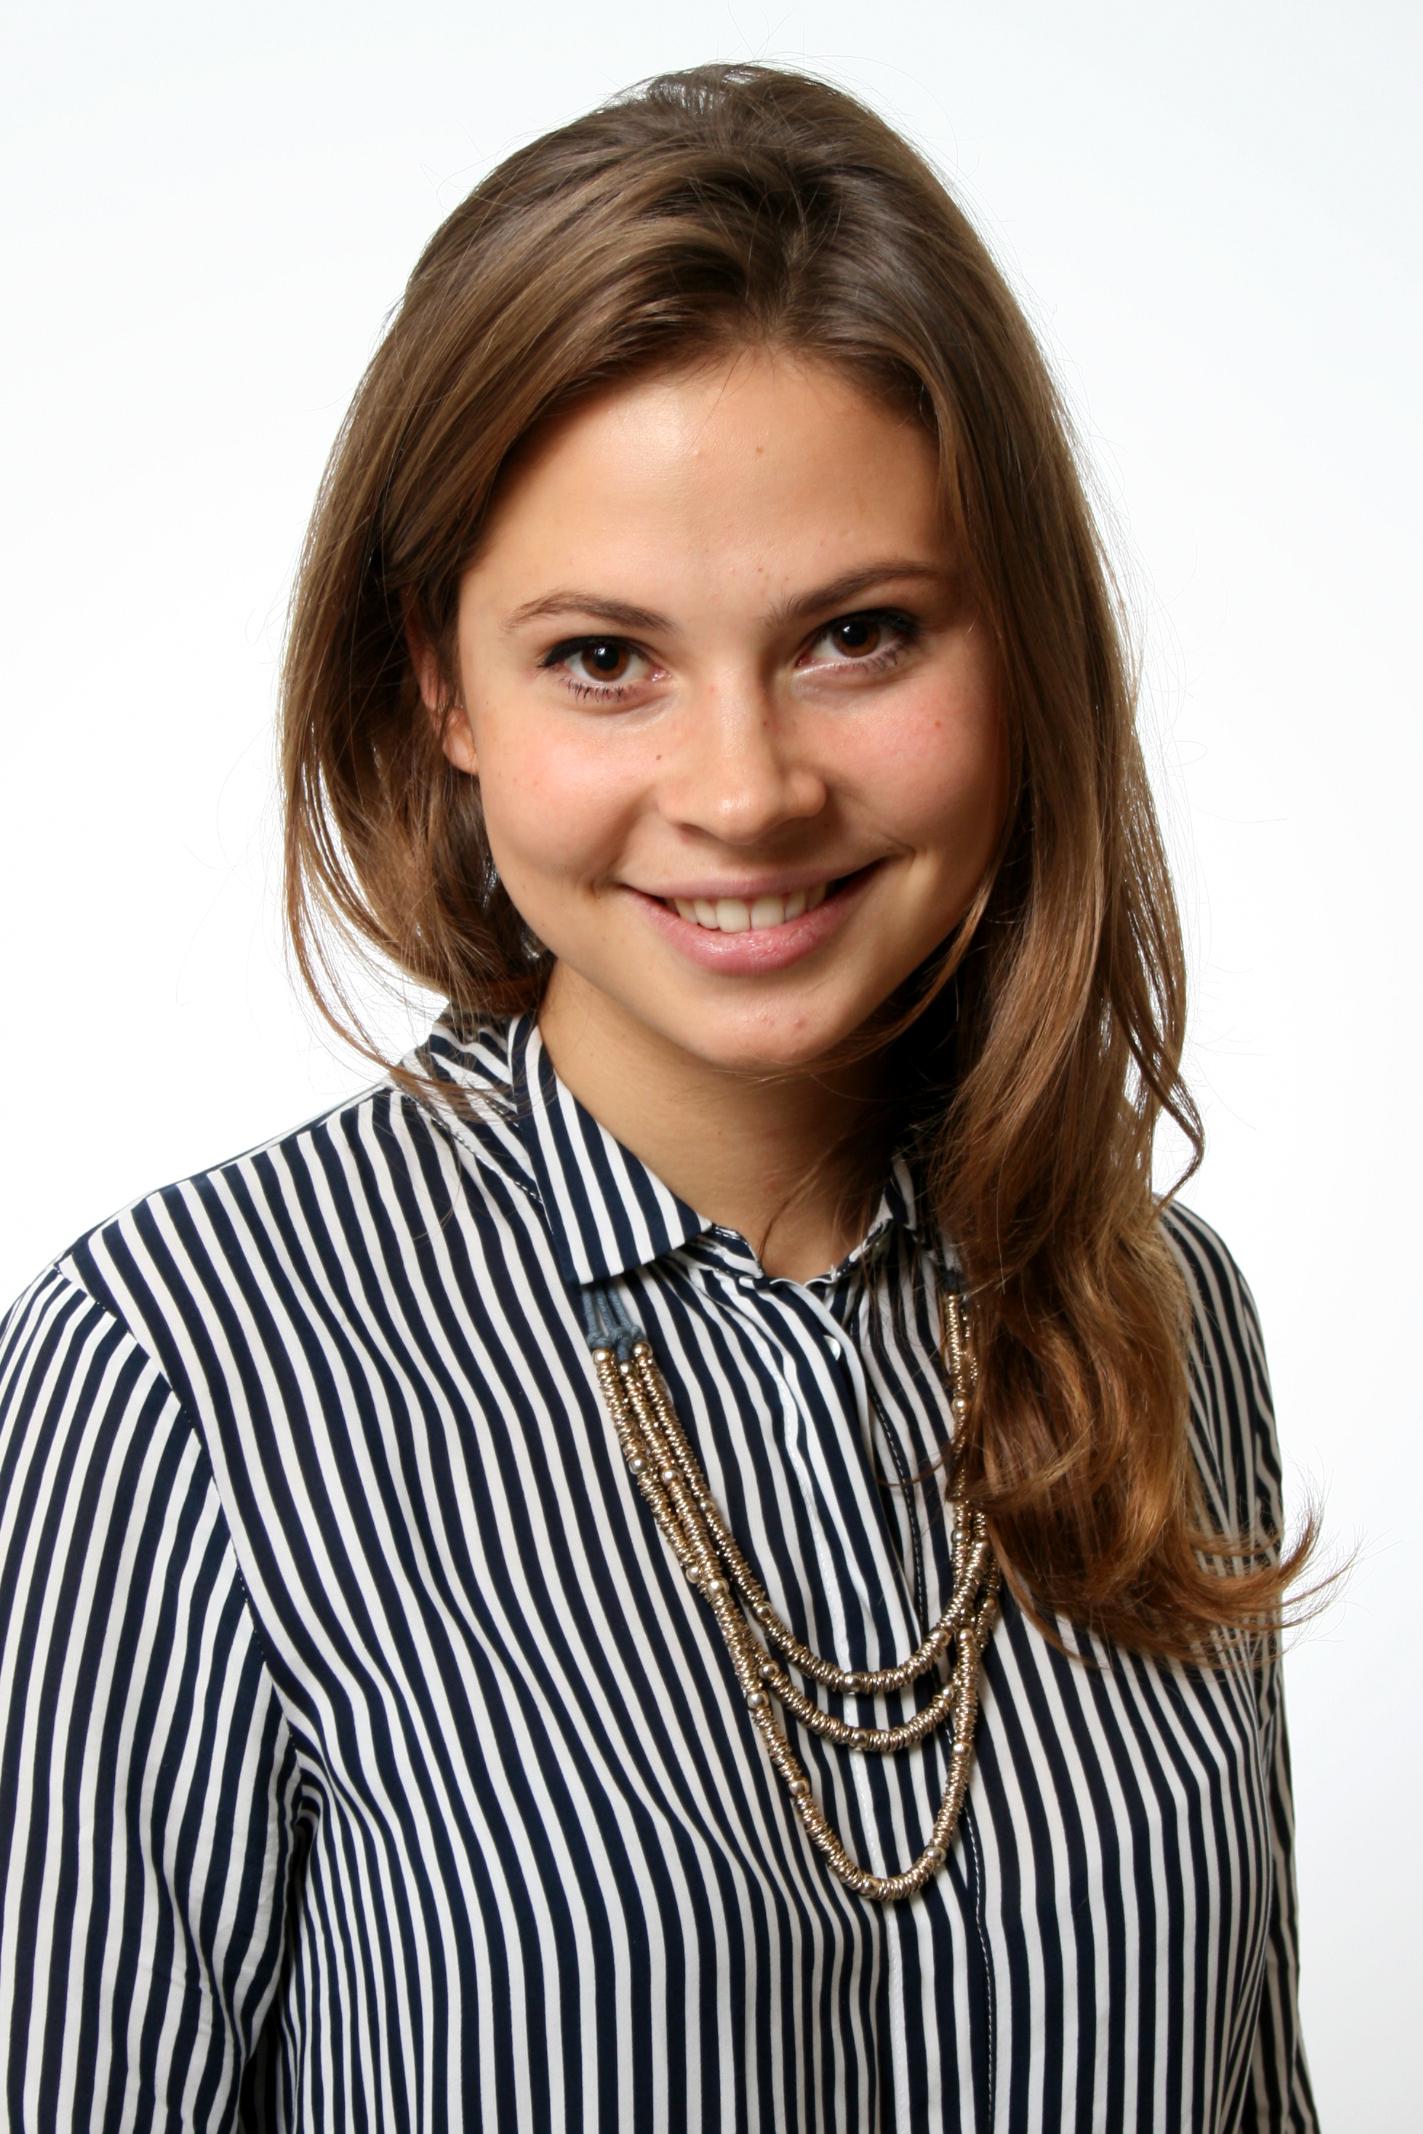 Linda Sinka